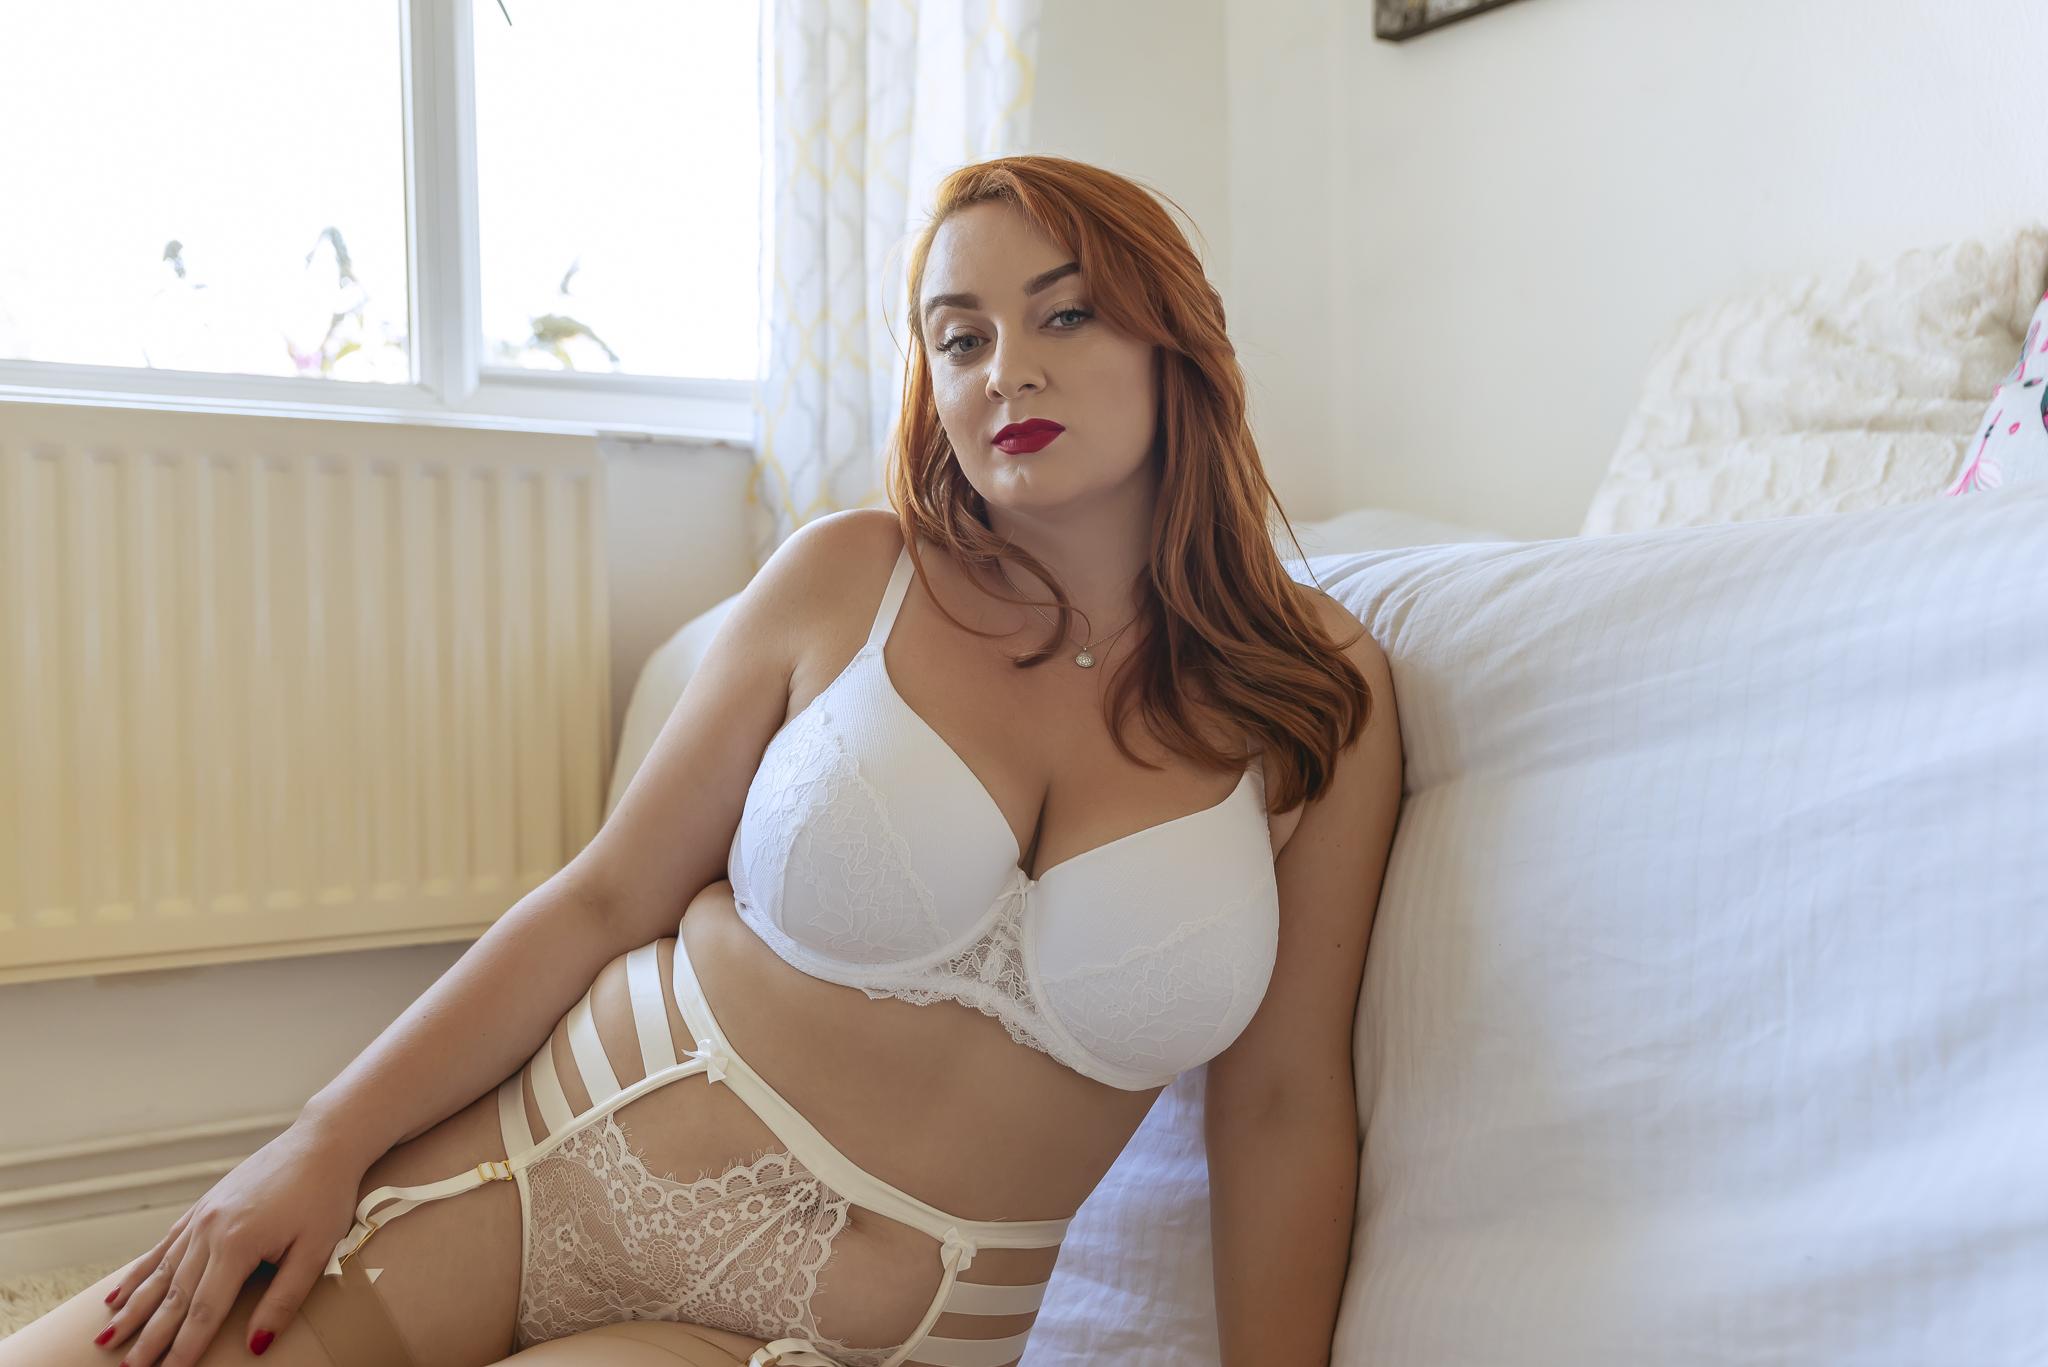 Lonodn boudoir photo shoot-27